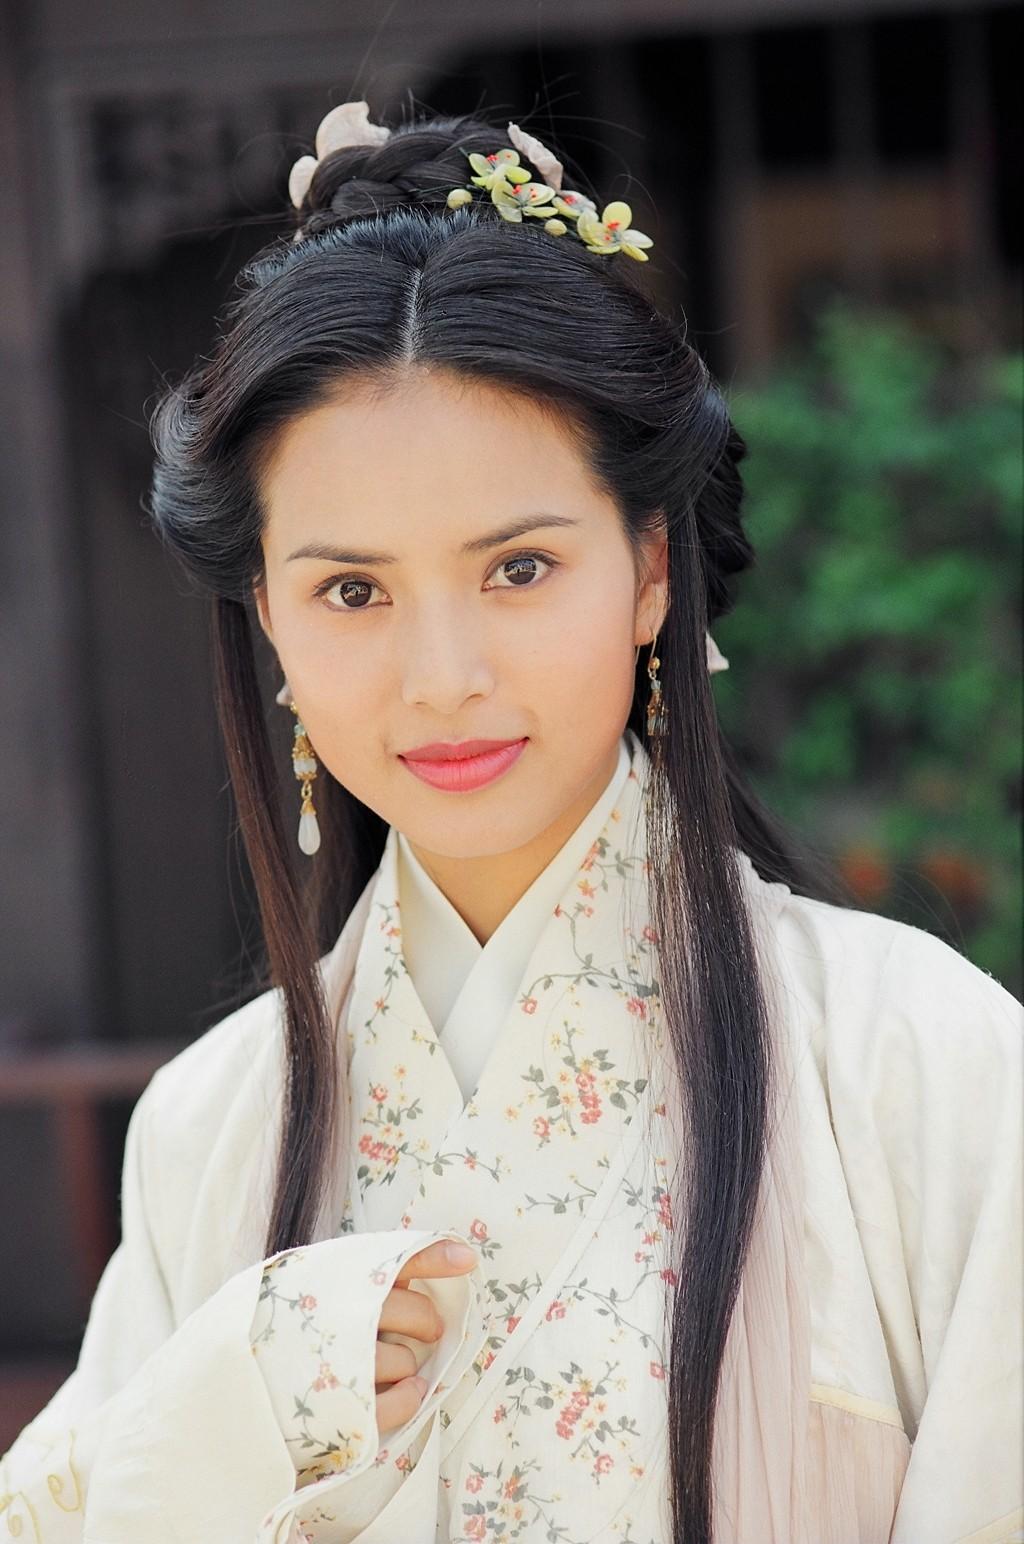 """5 mỹ nhân """"đệ nhất thiên hạ"""" trên màn ảnh Hoa ngữ: Thượng thần Dương Mịch bít cửa trước cô cô Lý Nhược Đồng - Ảnh 25."""